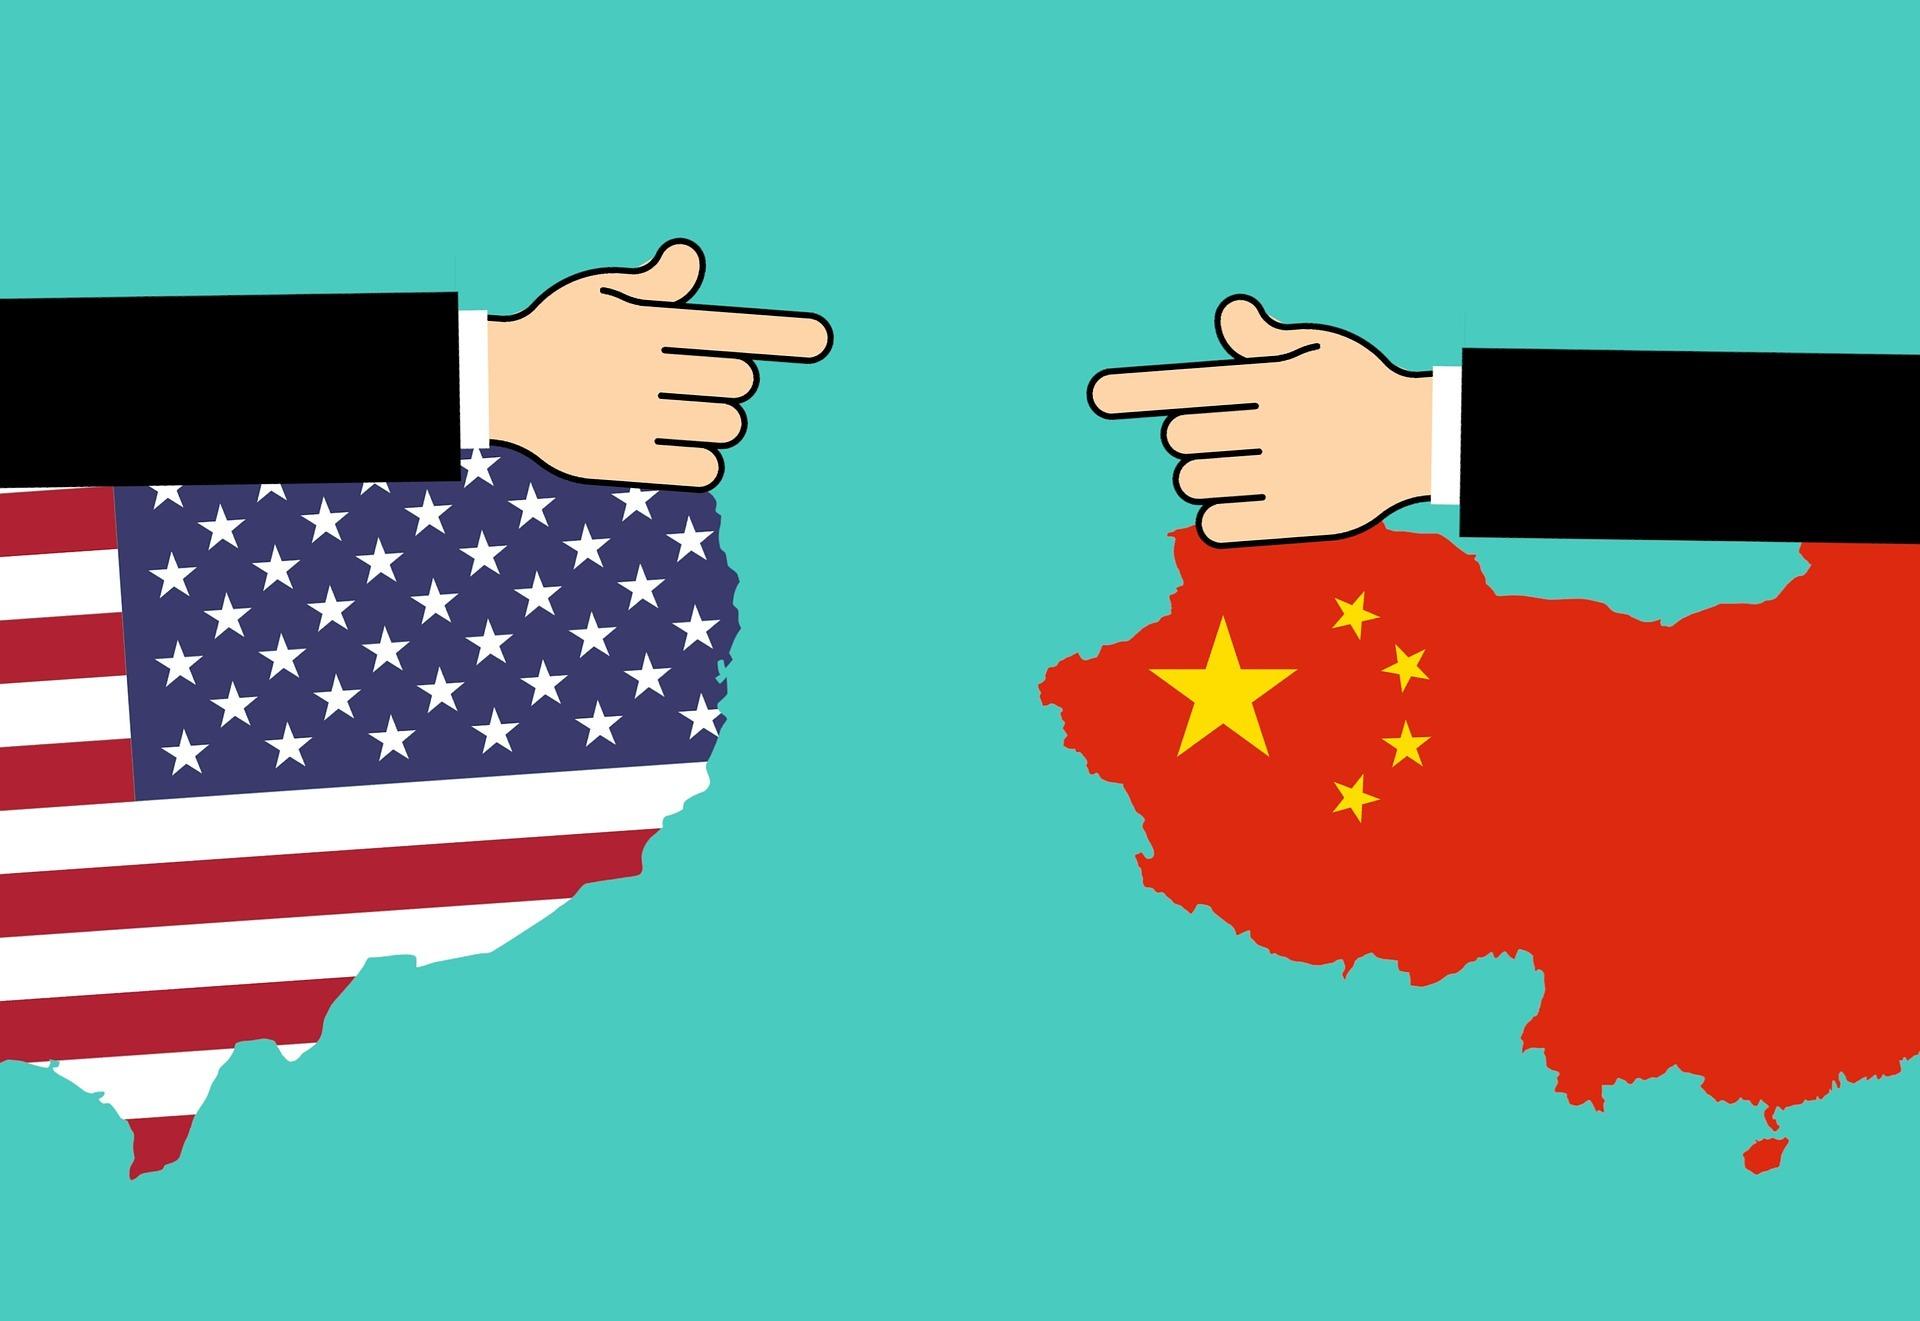 「美墨加協定」戰力升級,貿易戰下投資人要如何趨吉避凶?